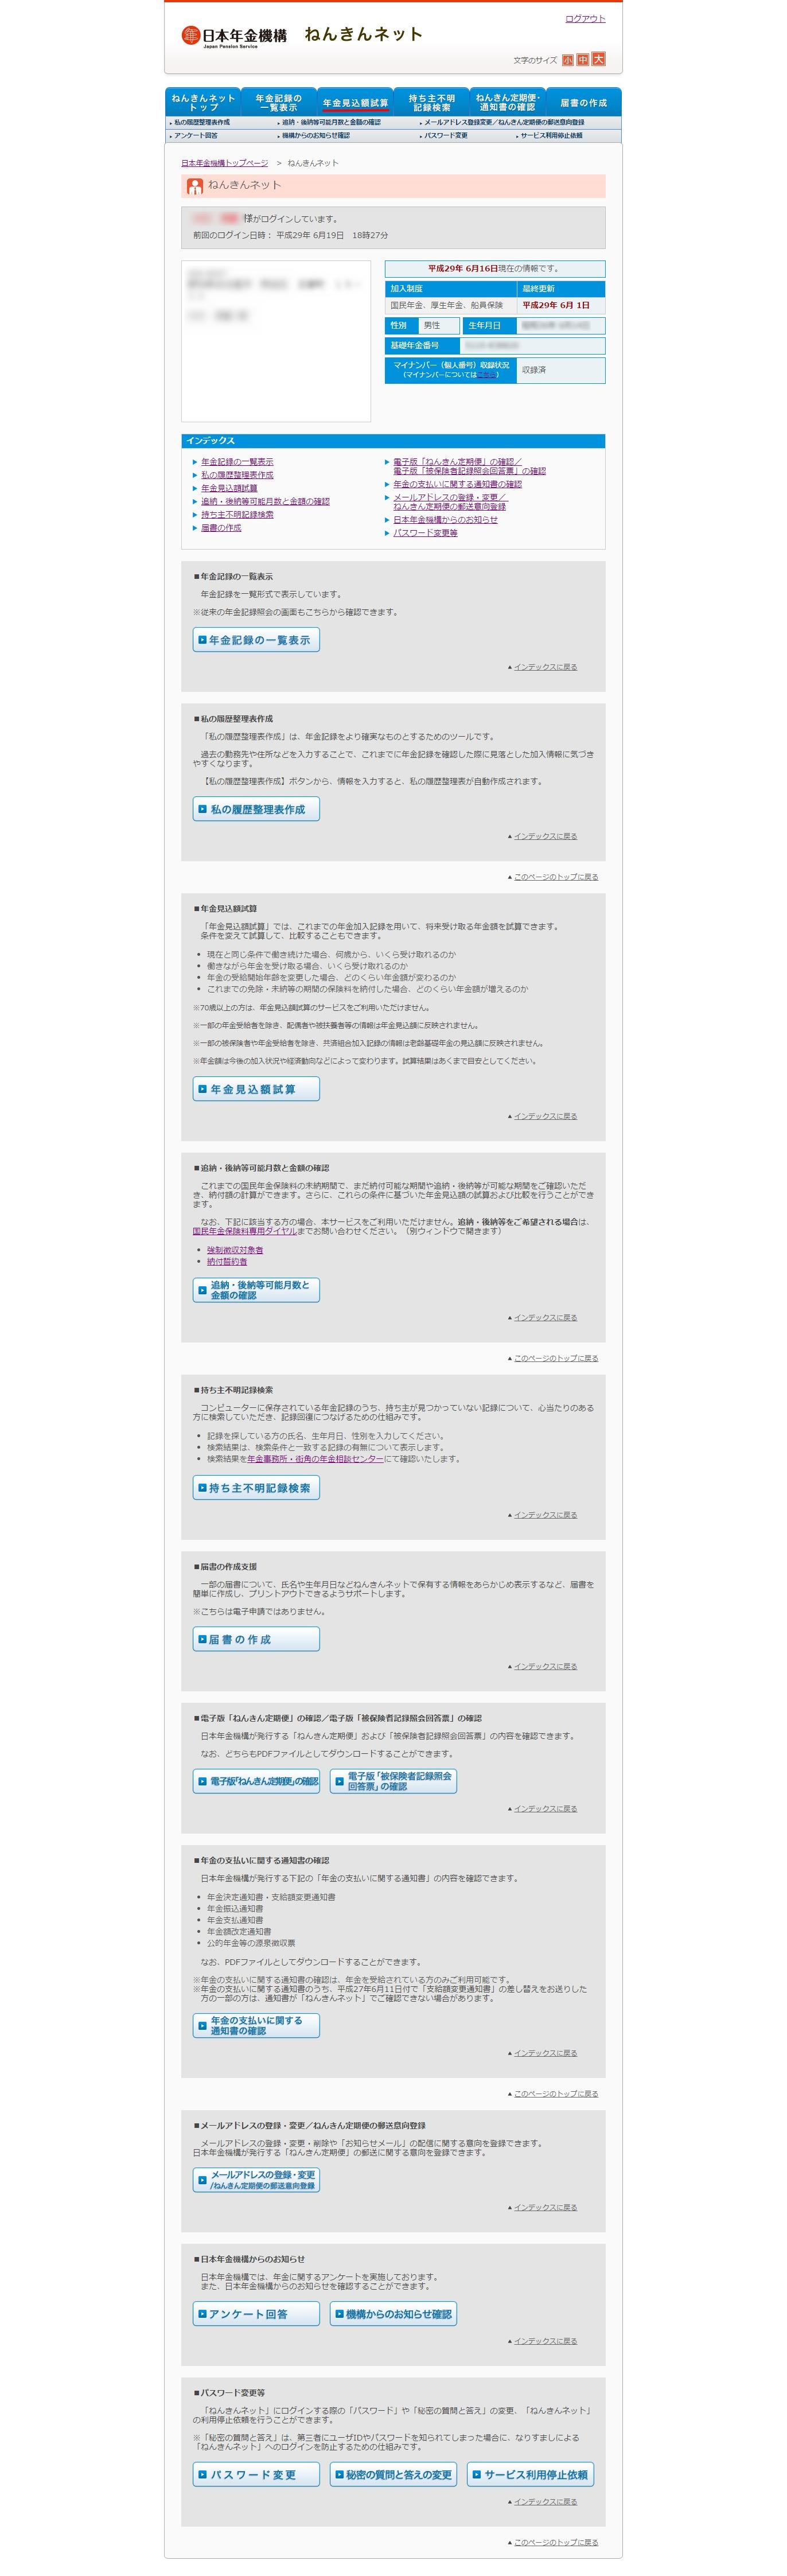 日本年金機構:ねんきんネットメニュー